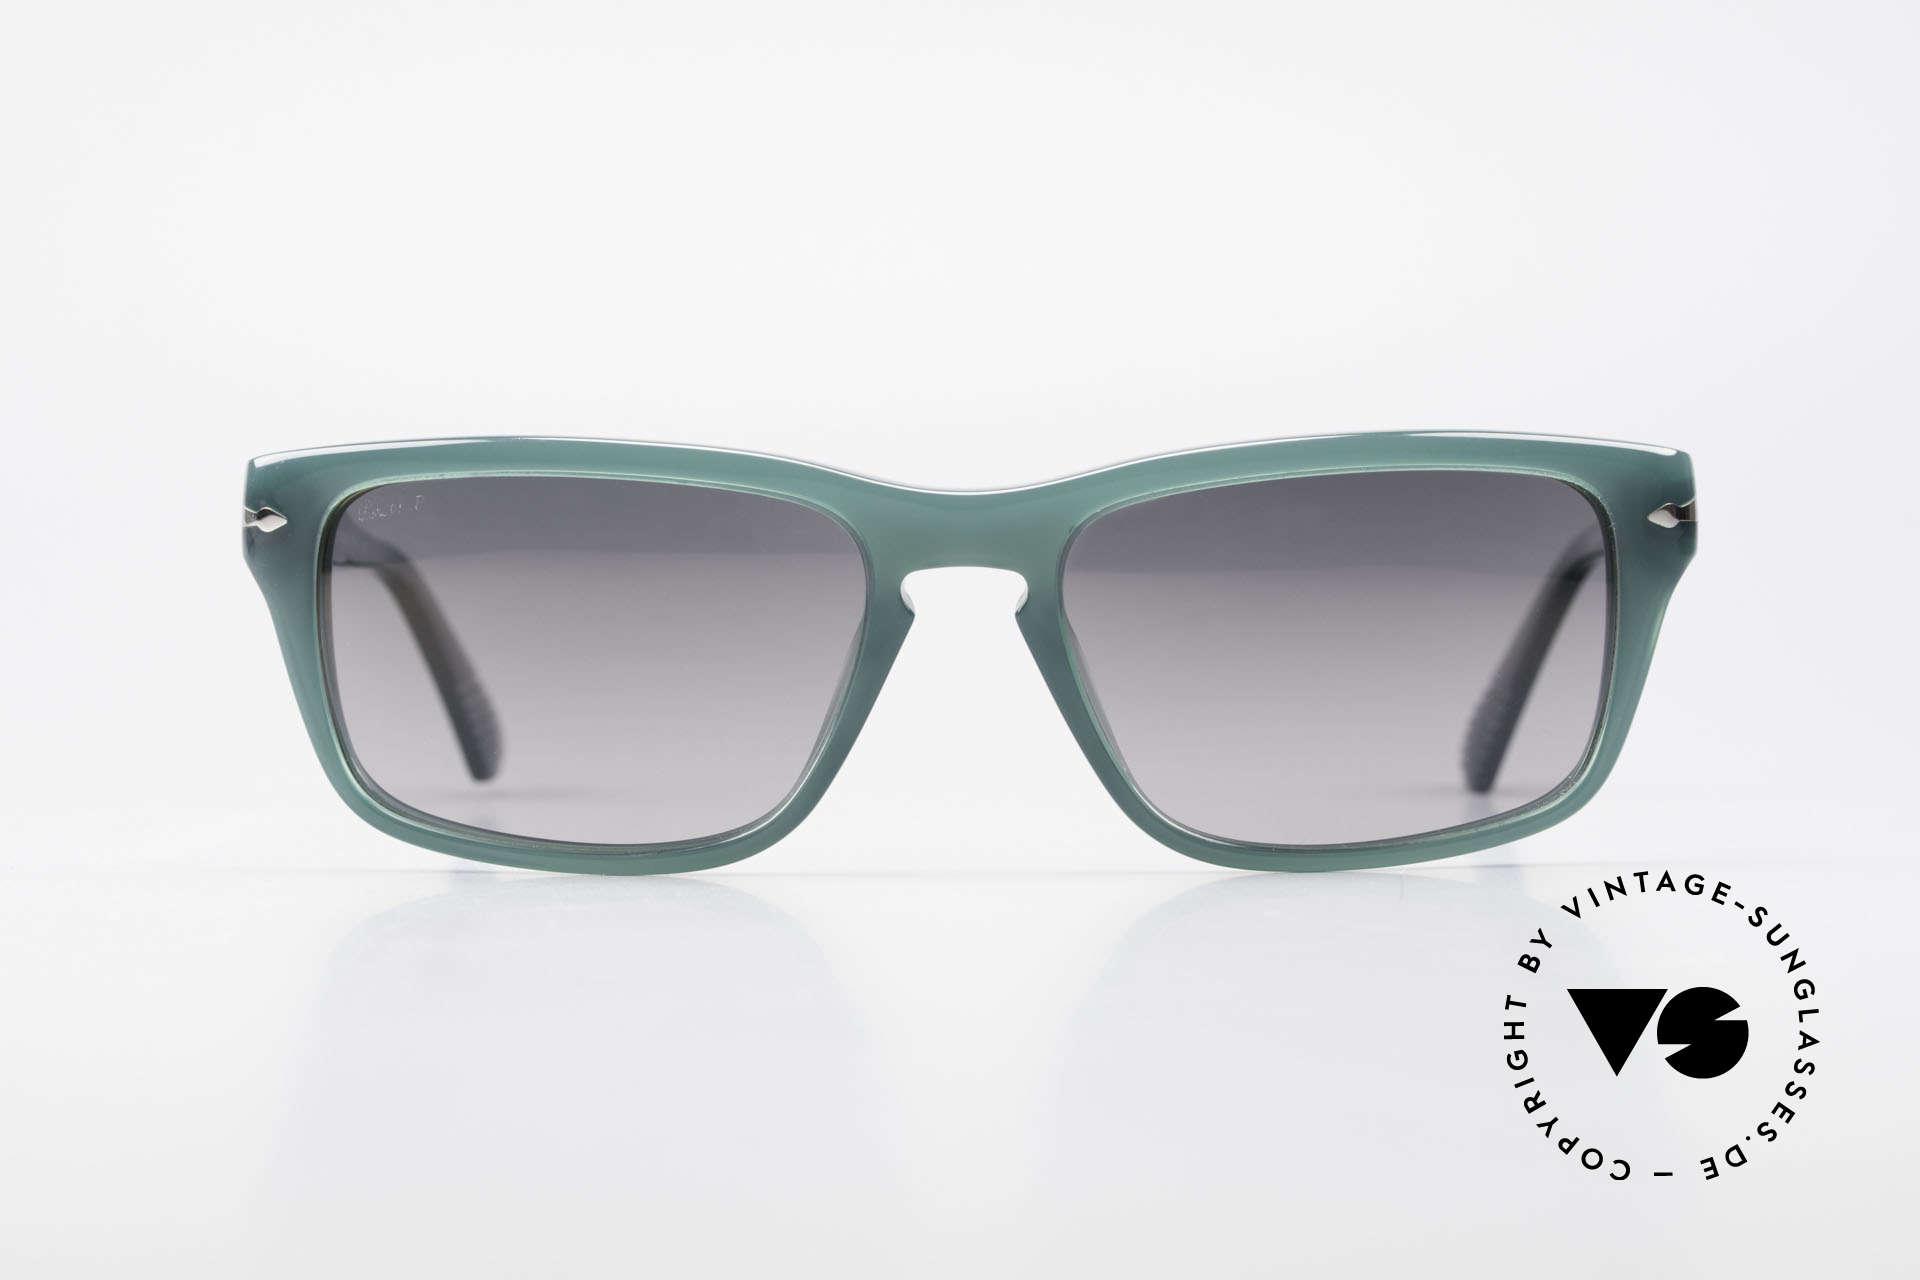 1a6c2e715479 Sunglasses Persol 3074 Film Noir Edition Polarized | Vintage Sunglasses